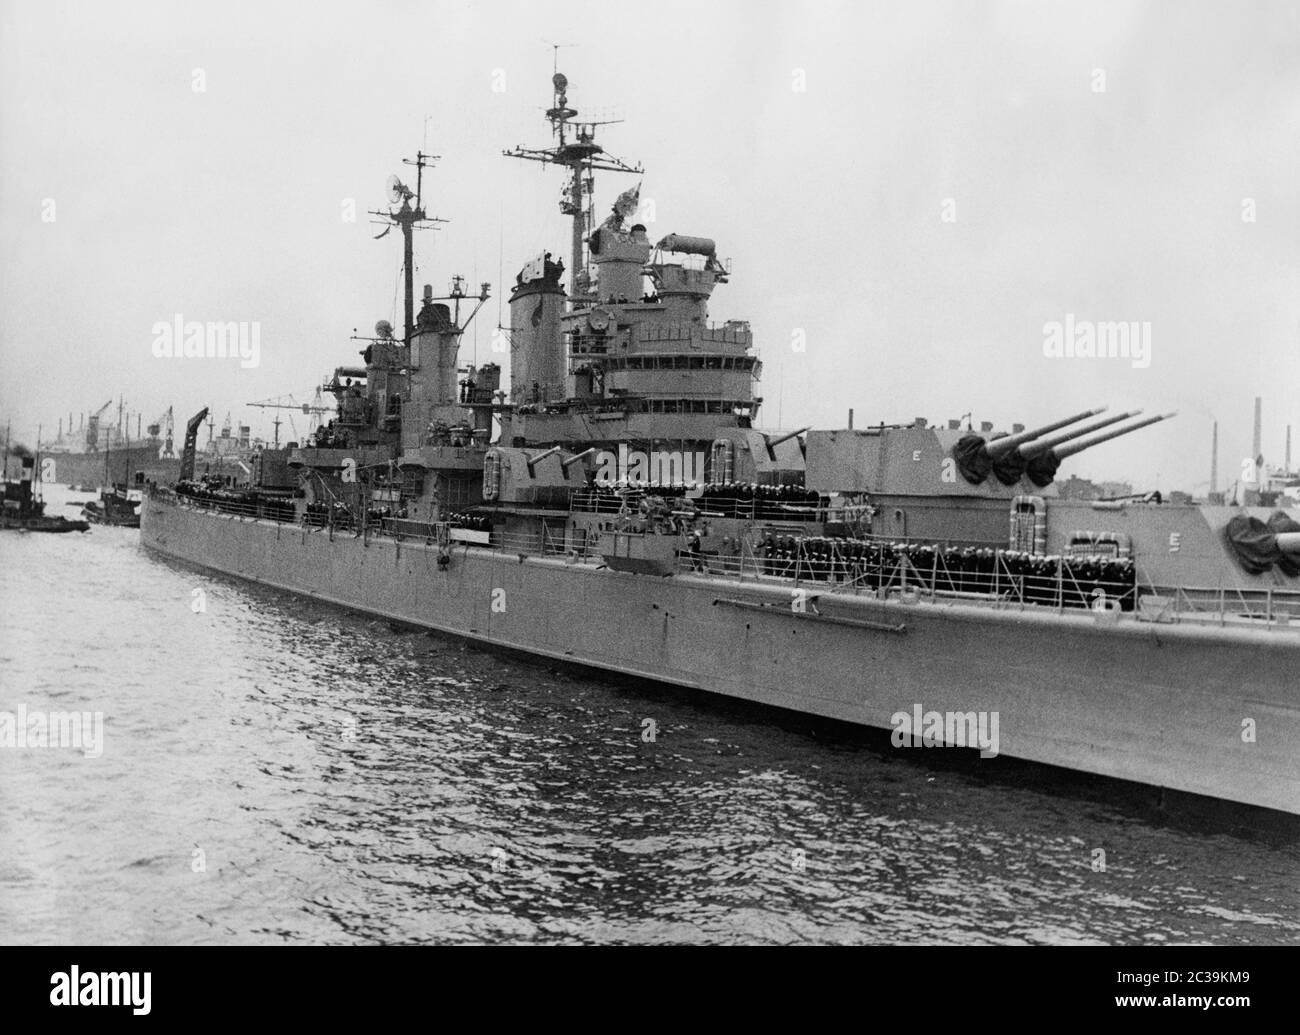 El USS Macon (crucero pesado de clase Baltimore) de la Marina de los EE.UU. Con la tripulación en cubierta durante una visita de la flota en Hamburgo en la década de 1950. Foto de stock